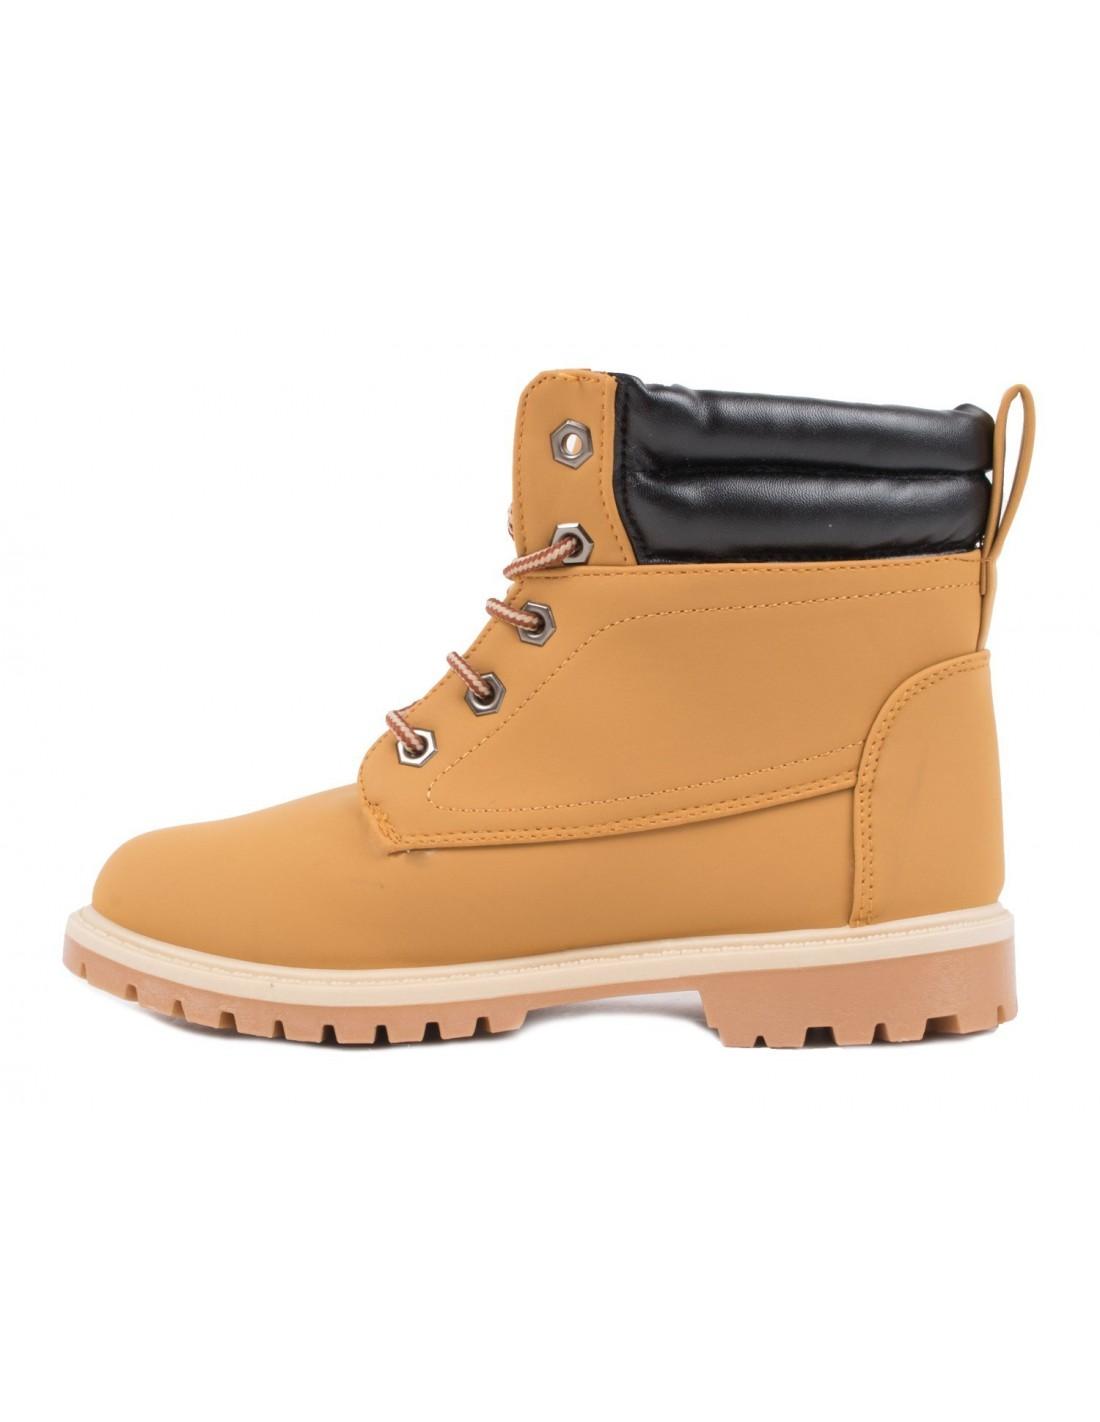 240622470ac8 ... Boots fourrées femme type rangers camel marron empiècement simili cuir  camel ...